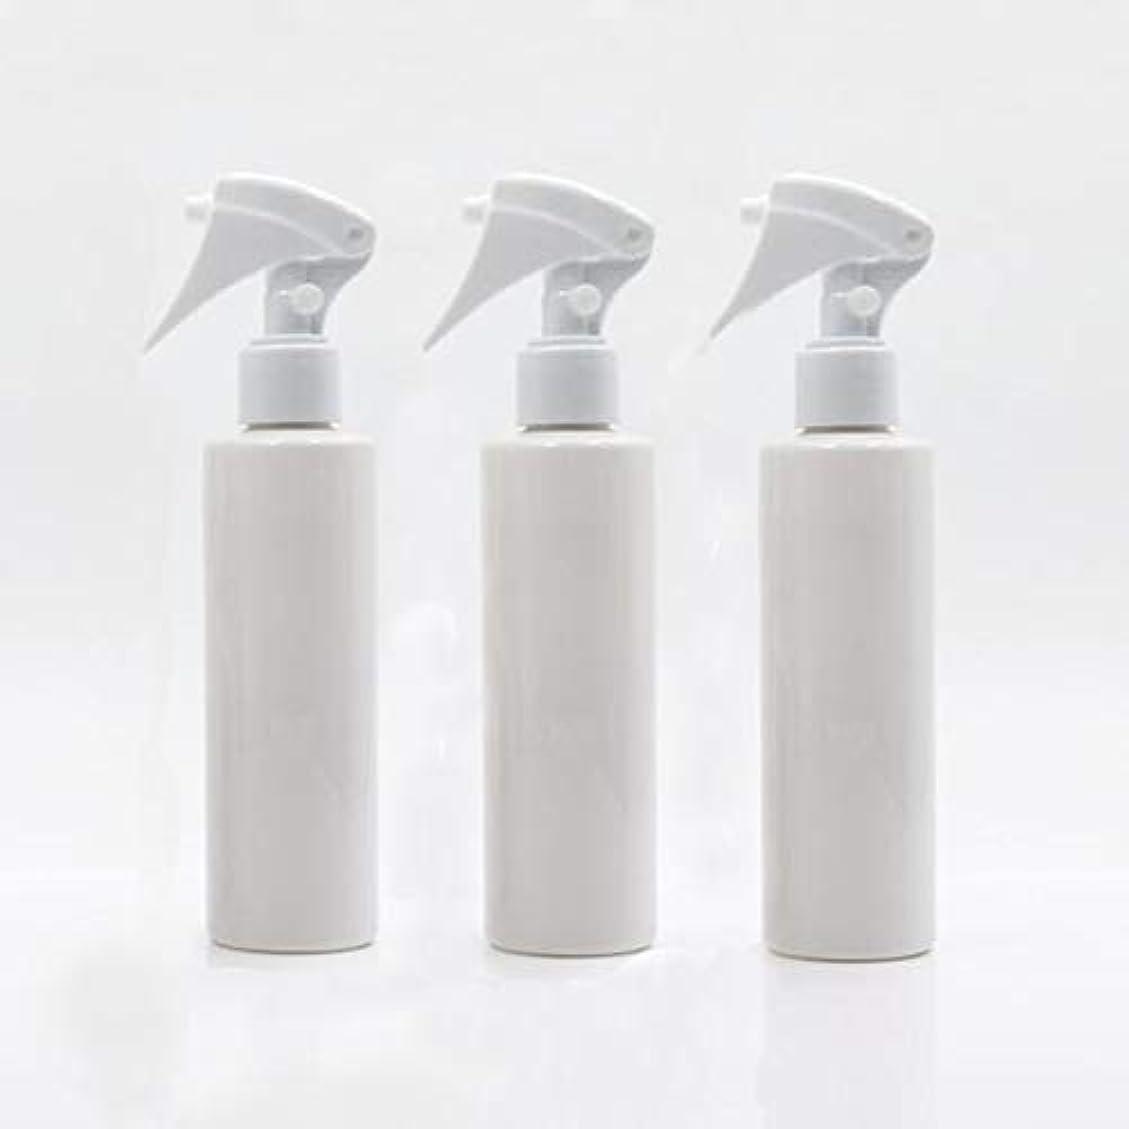 酒相反する製作Homewineasy 極細のミストを噴霧する スプレーボトル 詰め替え容器 200ml 3本セット (ホワイト)